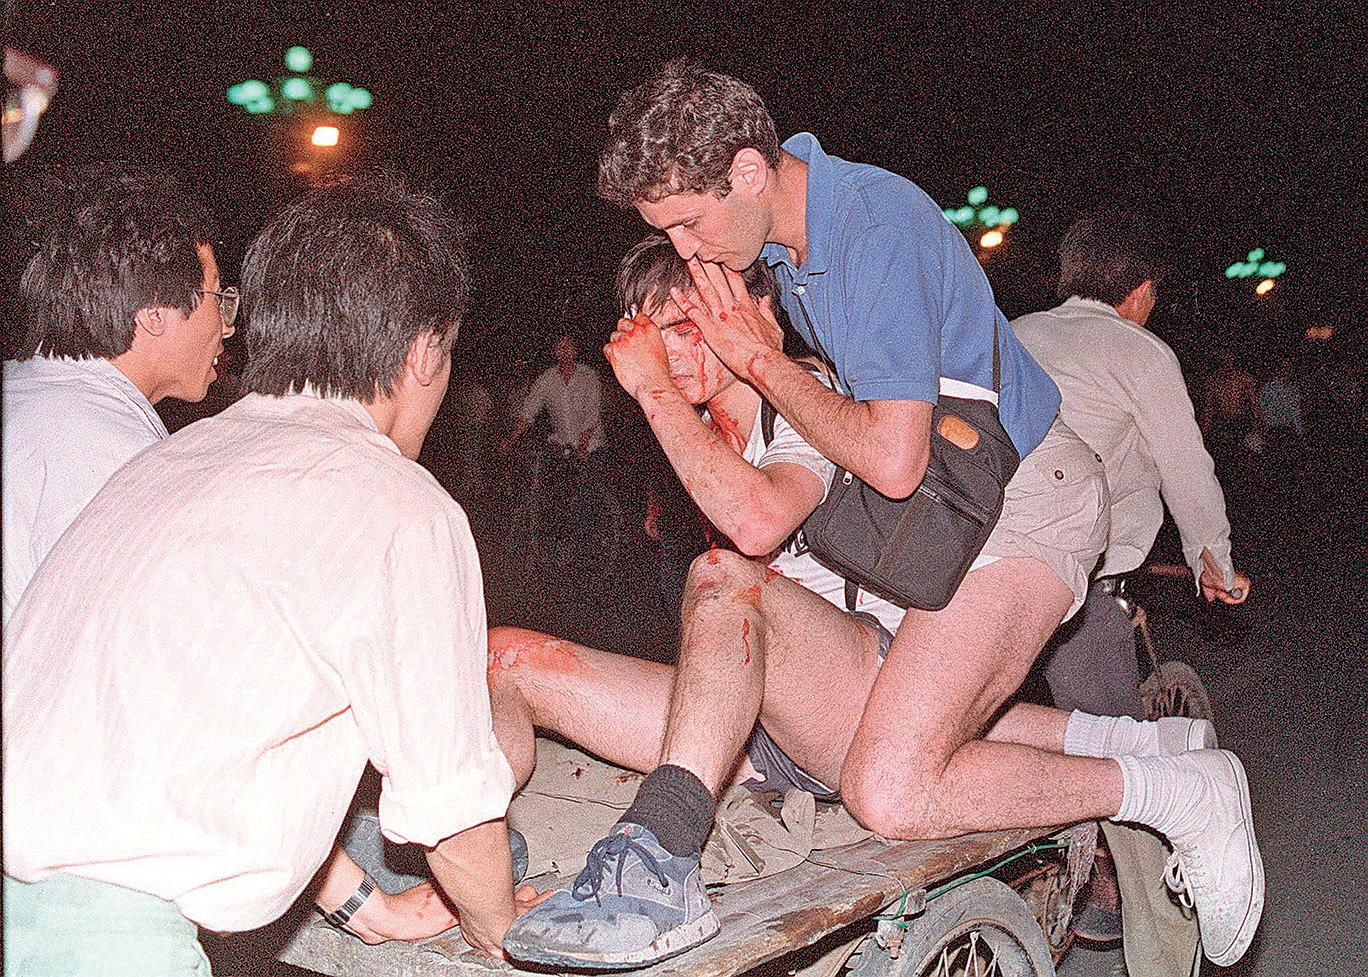 30年前的6月4日,不少外國記者也成為那一夜中共軍隊對民眾血腥鎮壓和屠殺的見證人,他們也見證了學生們如何勇敢地幫助傷者並帶他們撤離現場。(AFP)